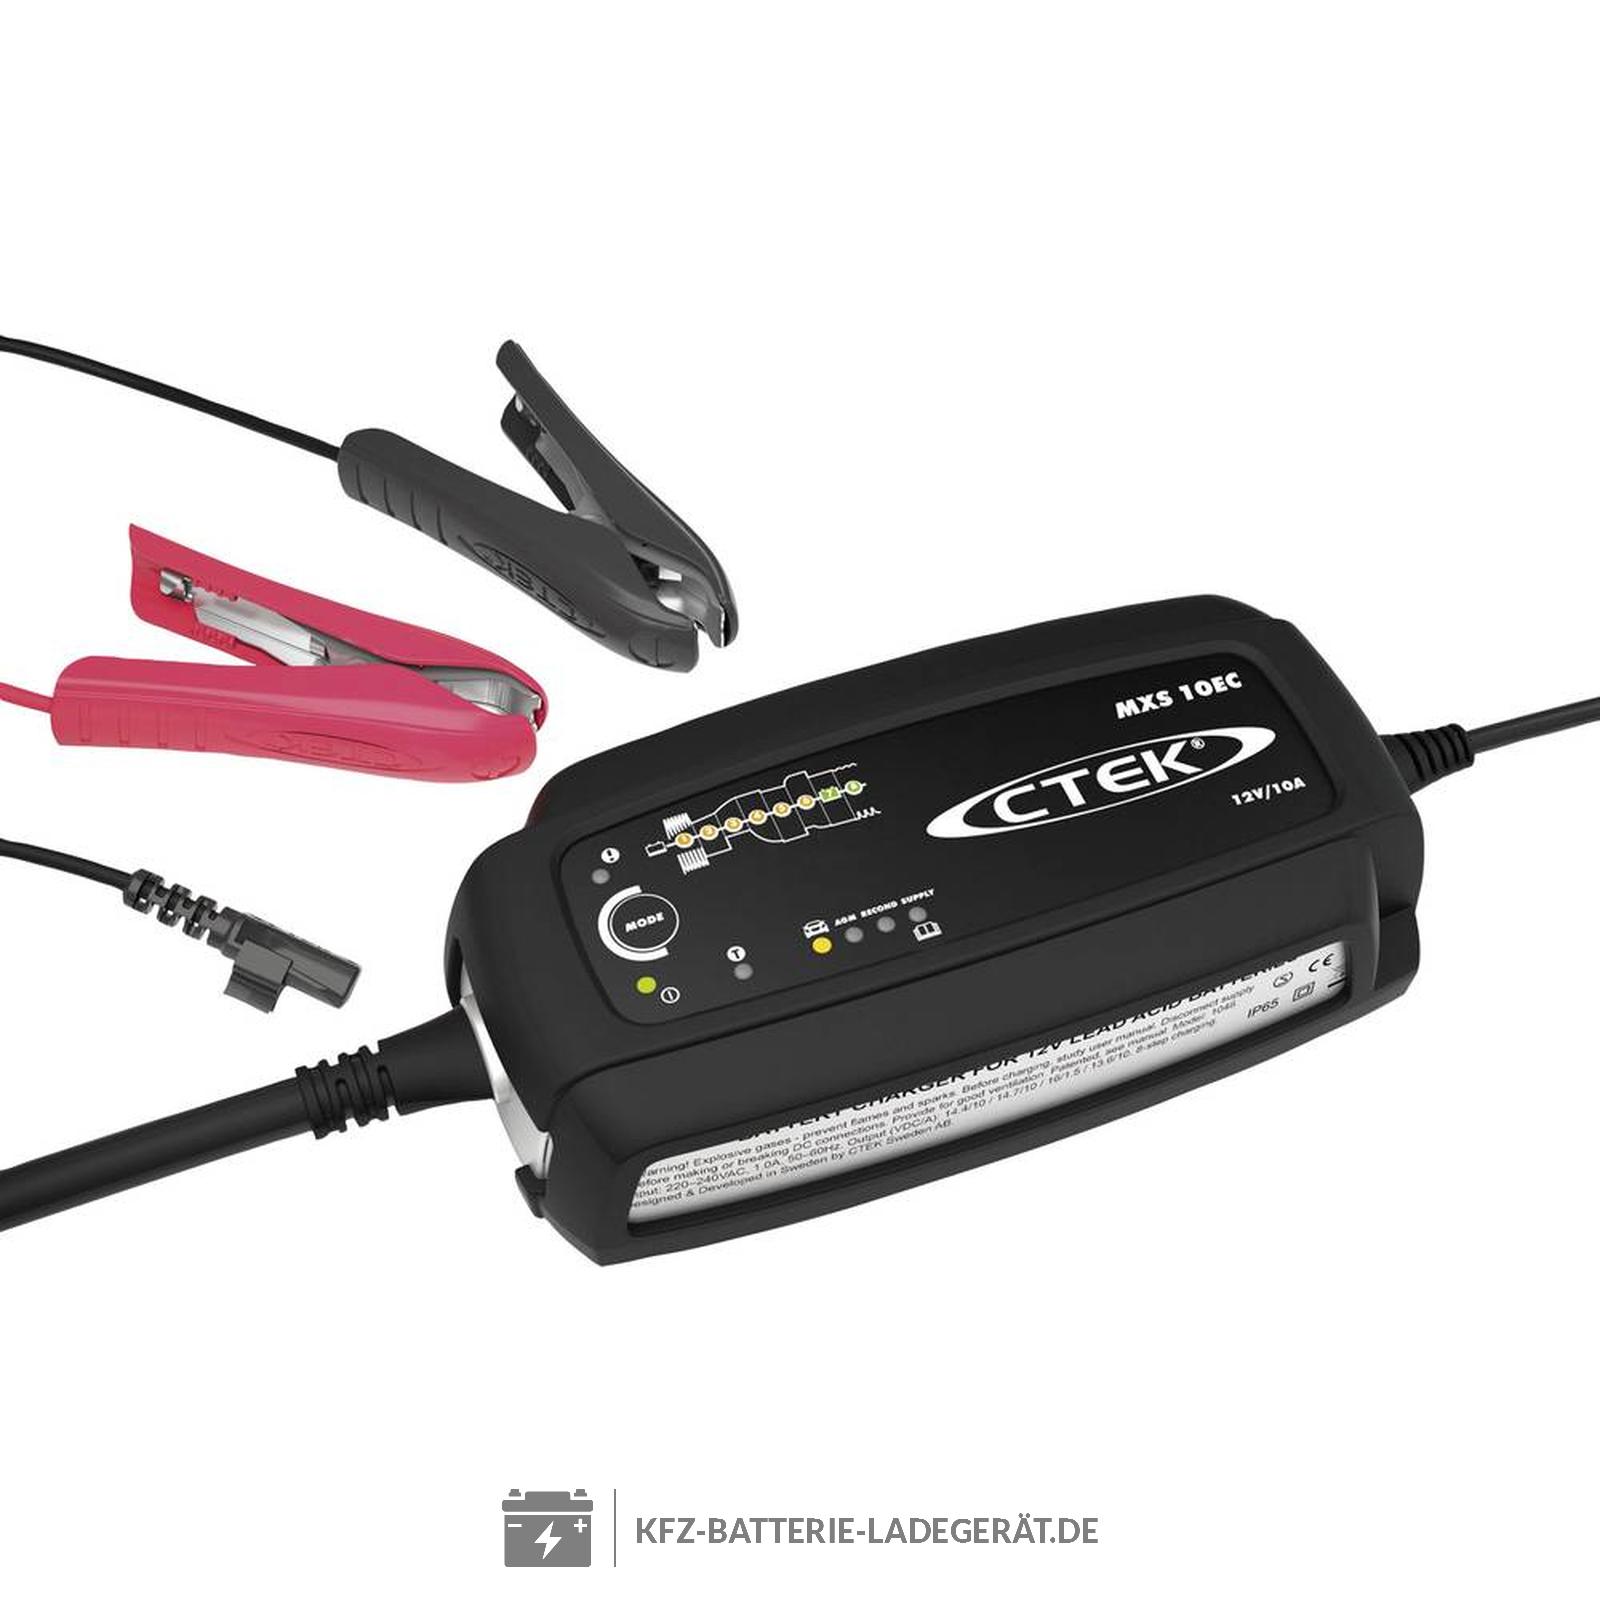 ctek mxs10 ladeger t f r 12 volt batterien ctek batterie. Black Bedroom Furniture Sets. Home Design Ideas